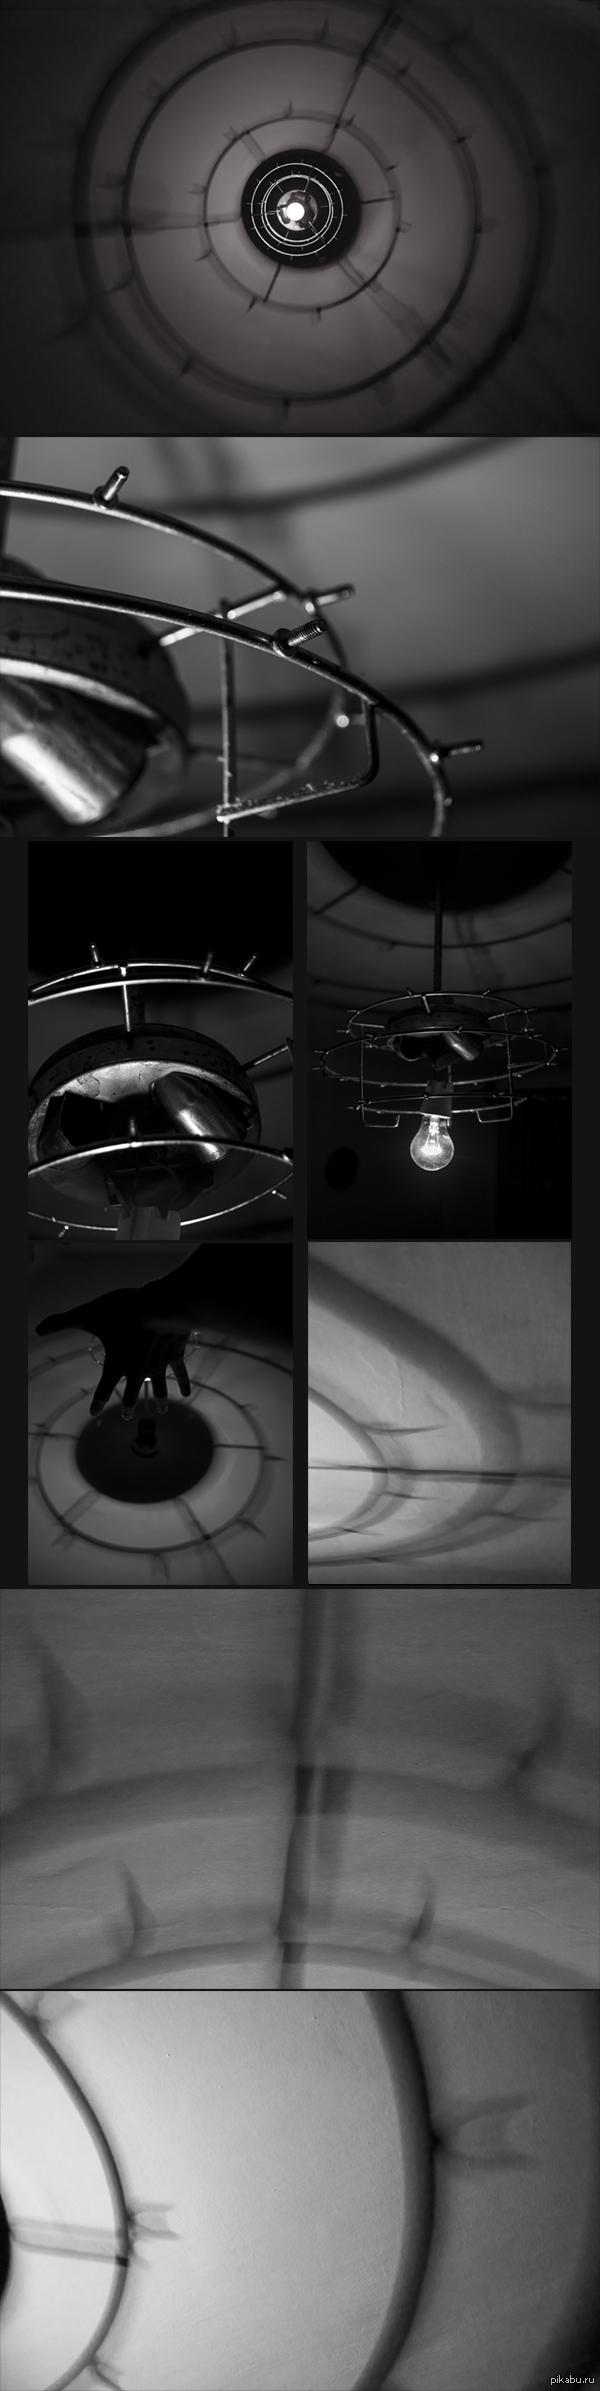 Люстра На болтиках этой люстры, обычно, весел хрусталь, который делал ее классически приятной, но стоило его снять, как из люстры начинала сочиться демоническая тень